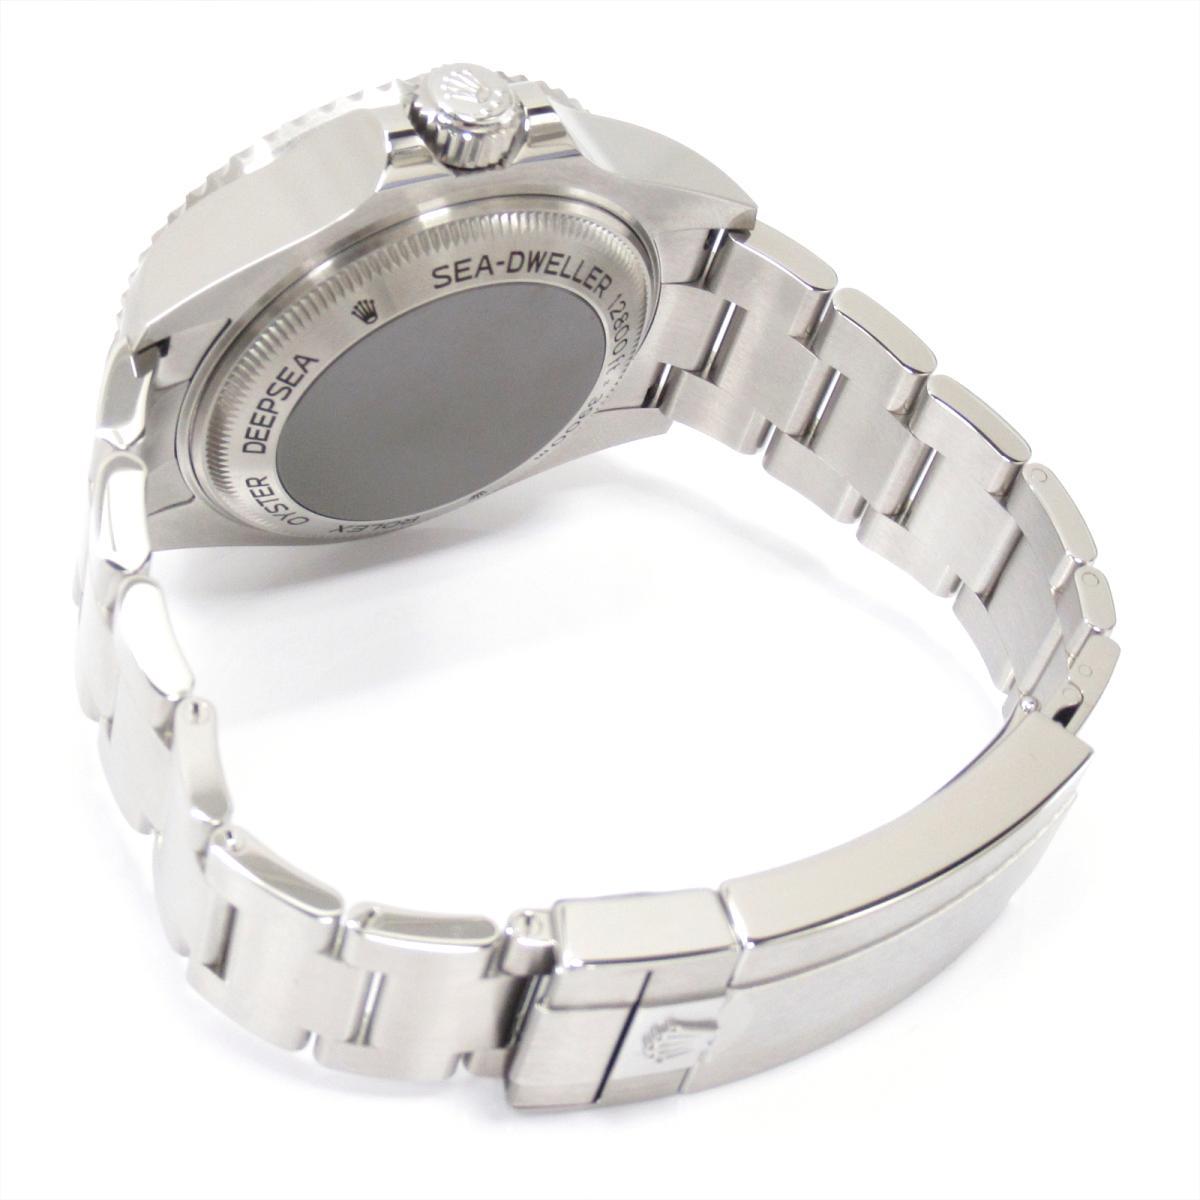 ROLEX 時計 126660 シードゥエラー ディープシー 腕時計/かっこいい/おすすめ